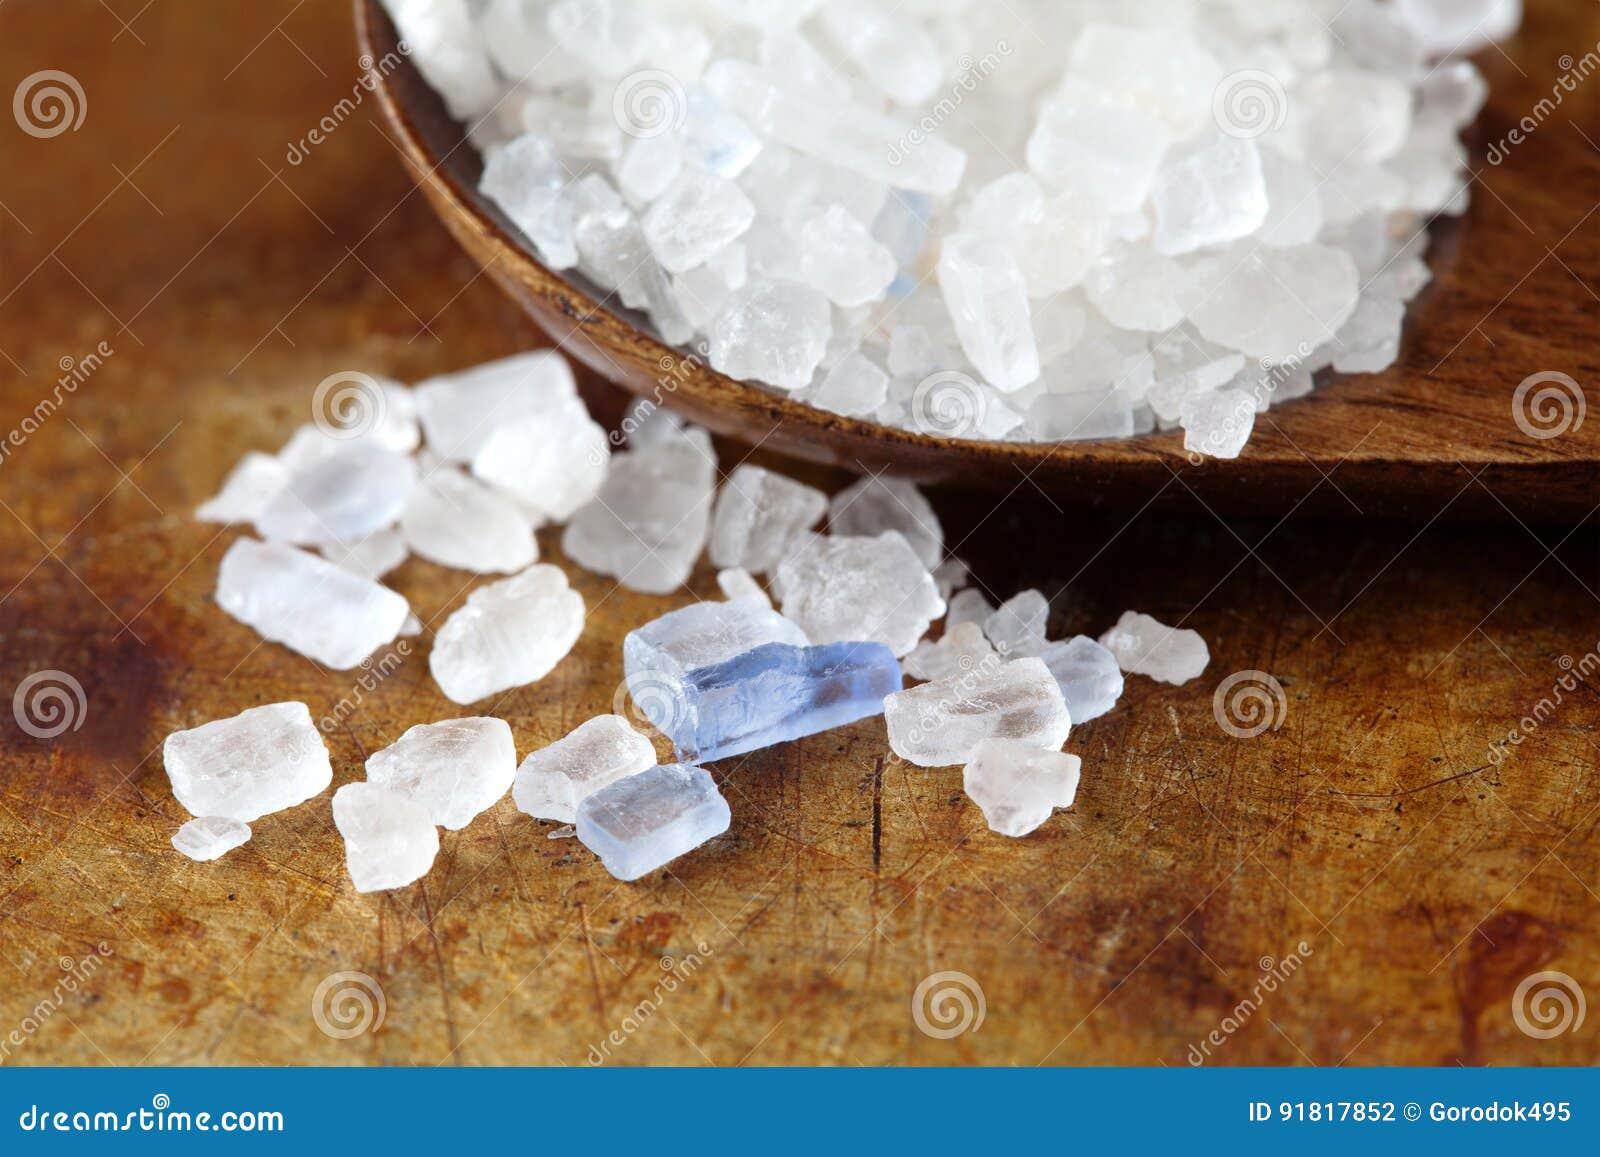 Perzische blauwe zoute kristal macromening Mineraal zout natrium-chloride van Semnan Iran Houten natuurvoedingspecerij